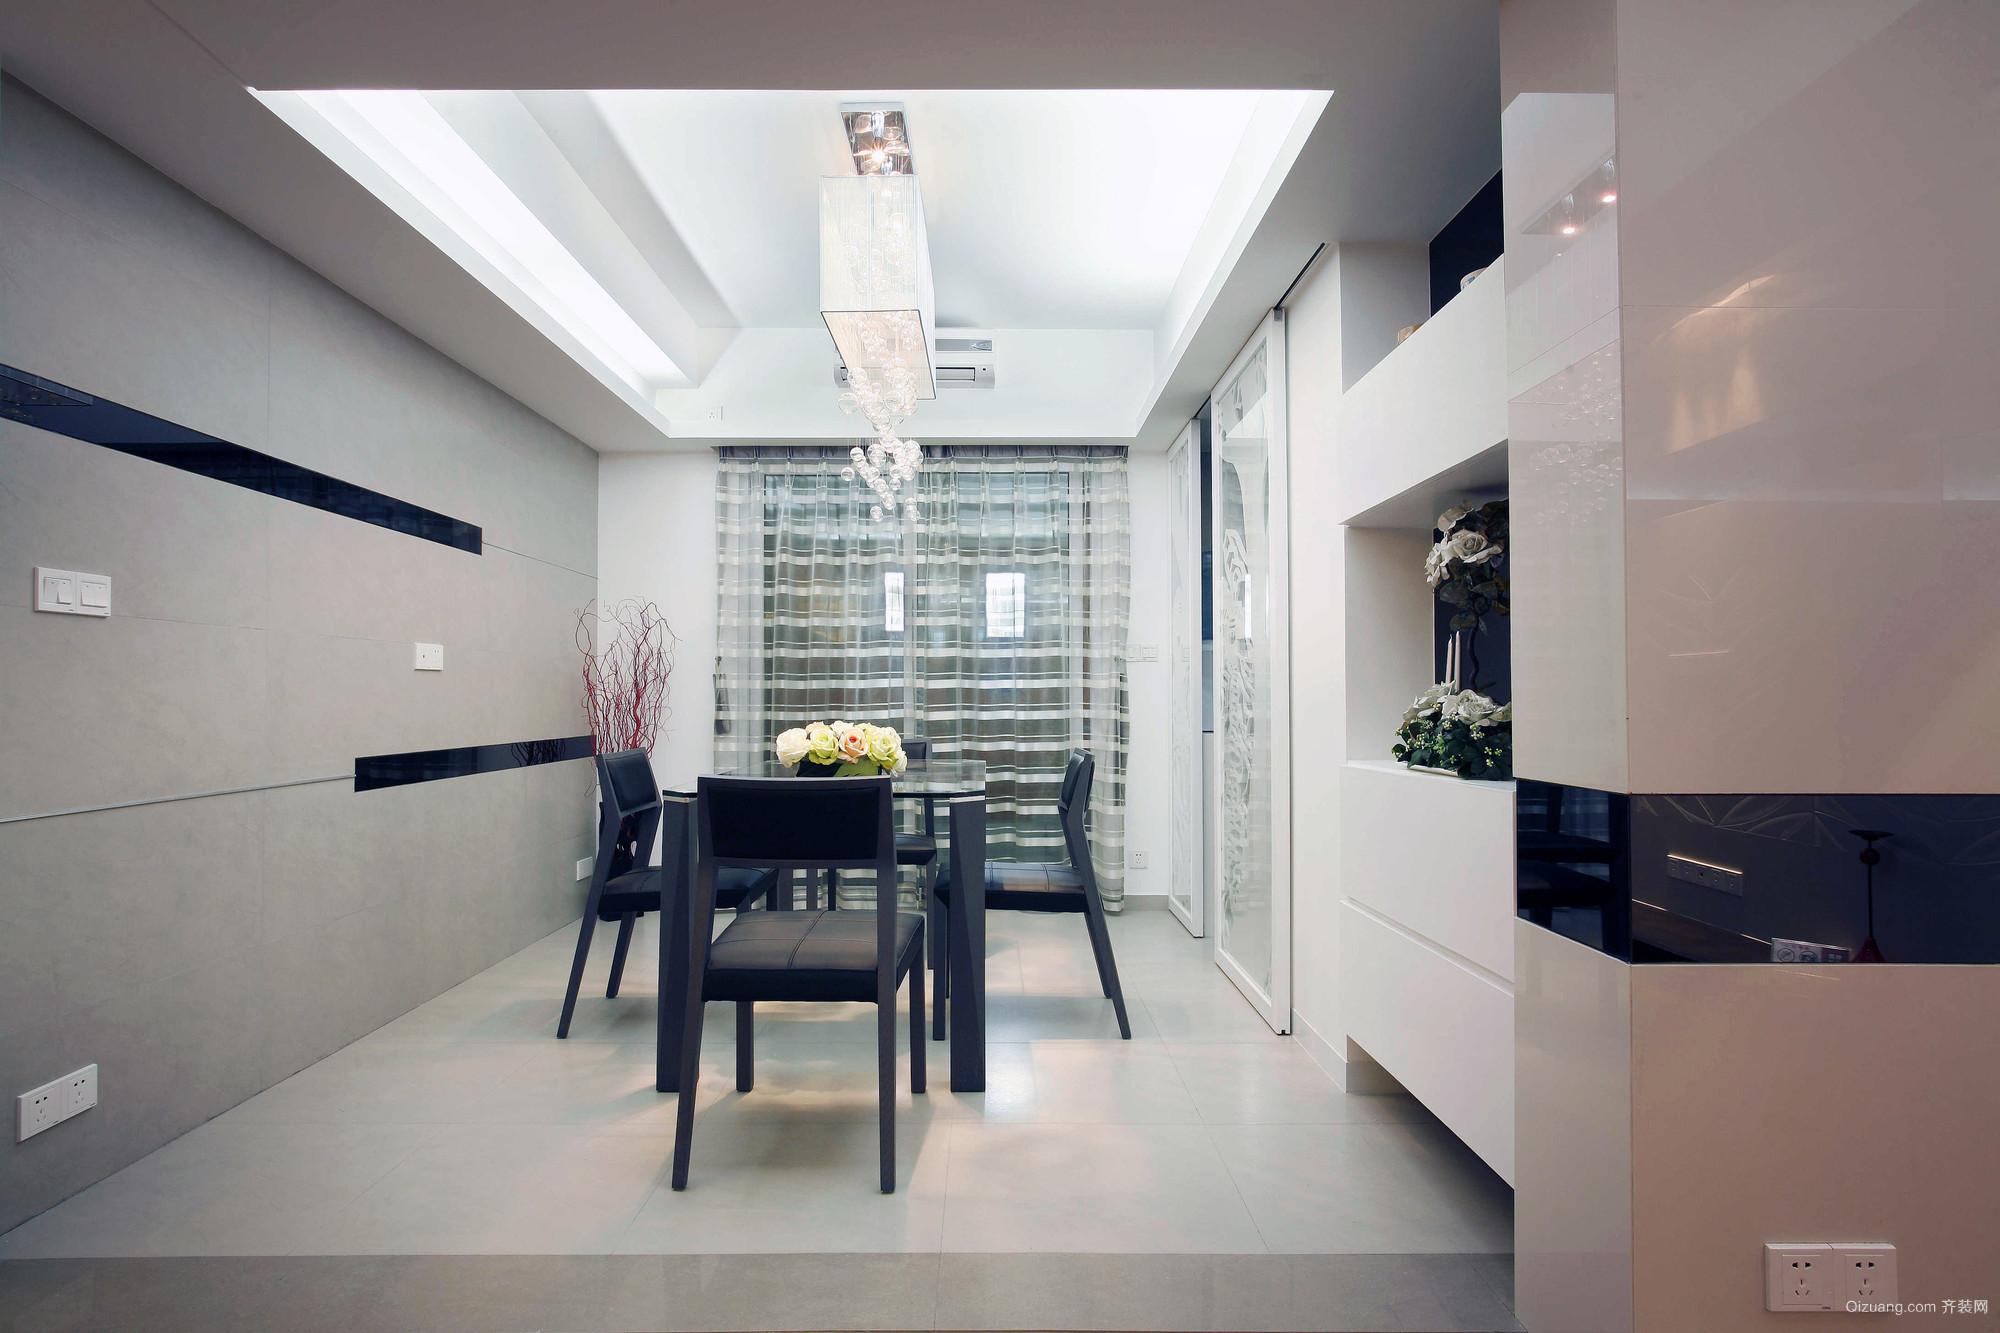 格局创意:89平米欧式小型别墅设计图